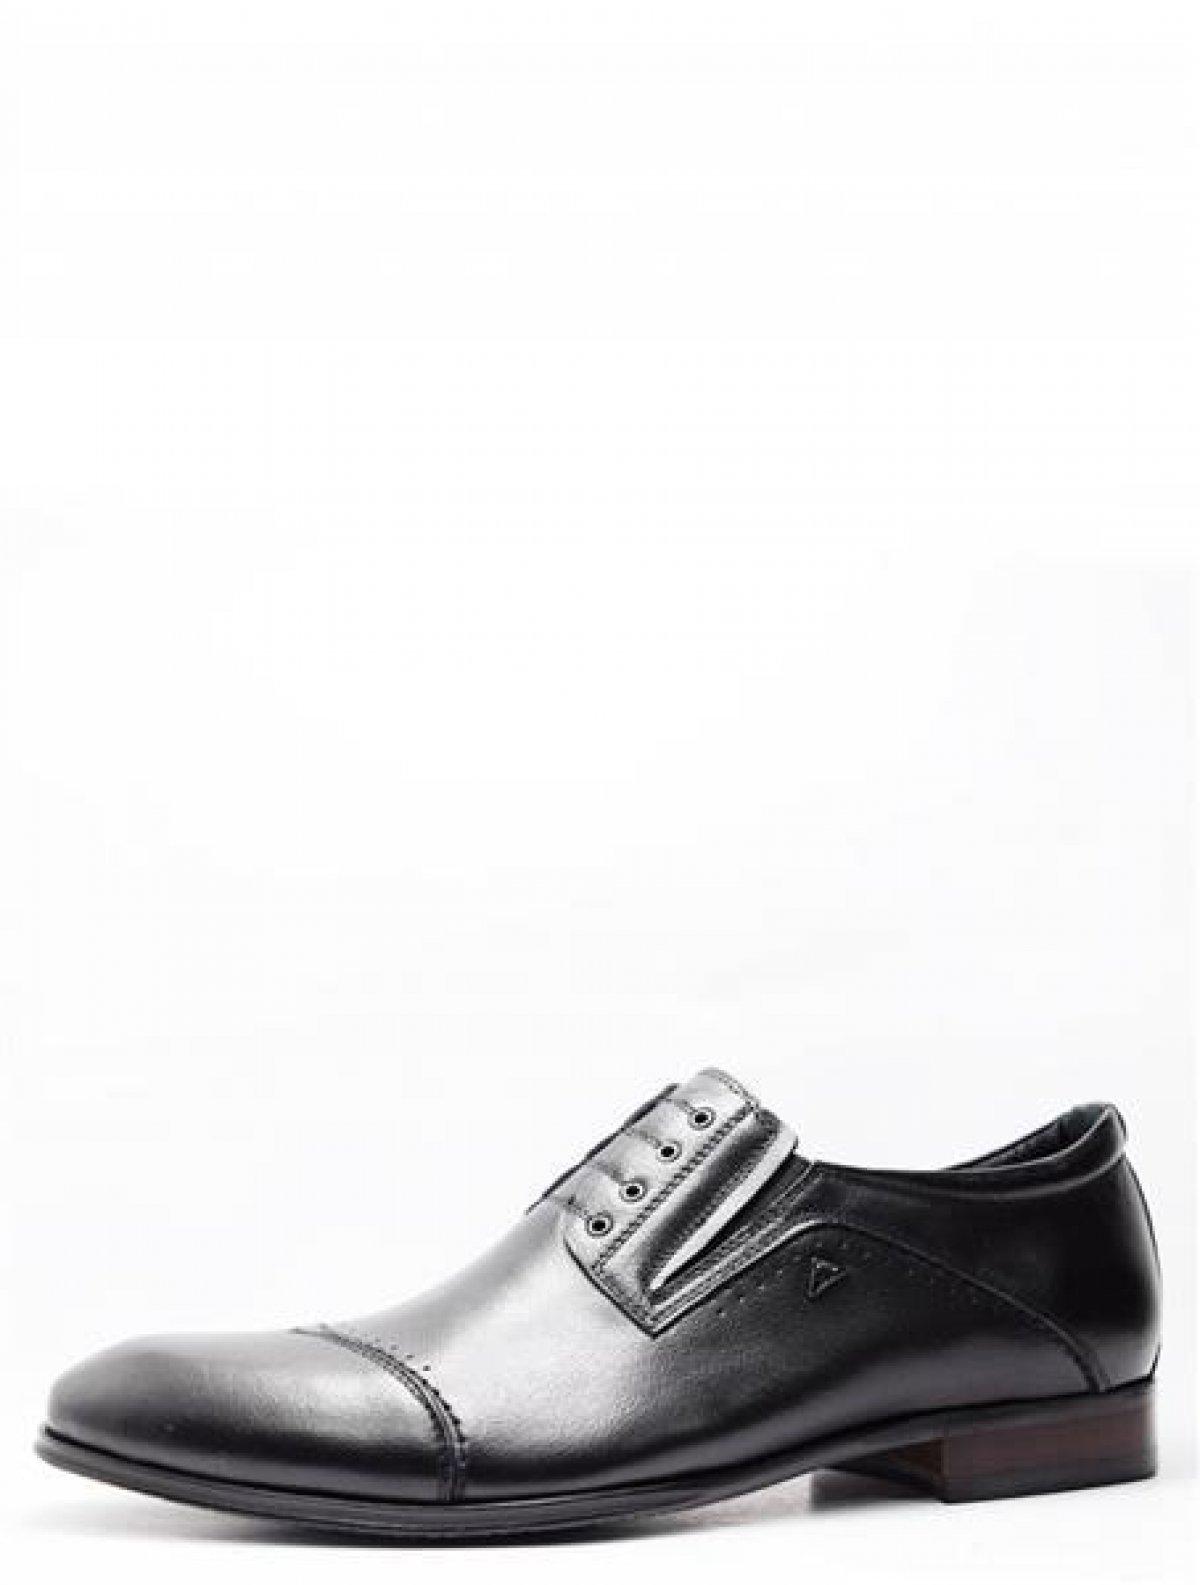 Respect SS83-093788 мужские туфли